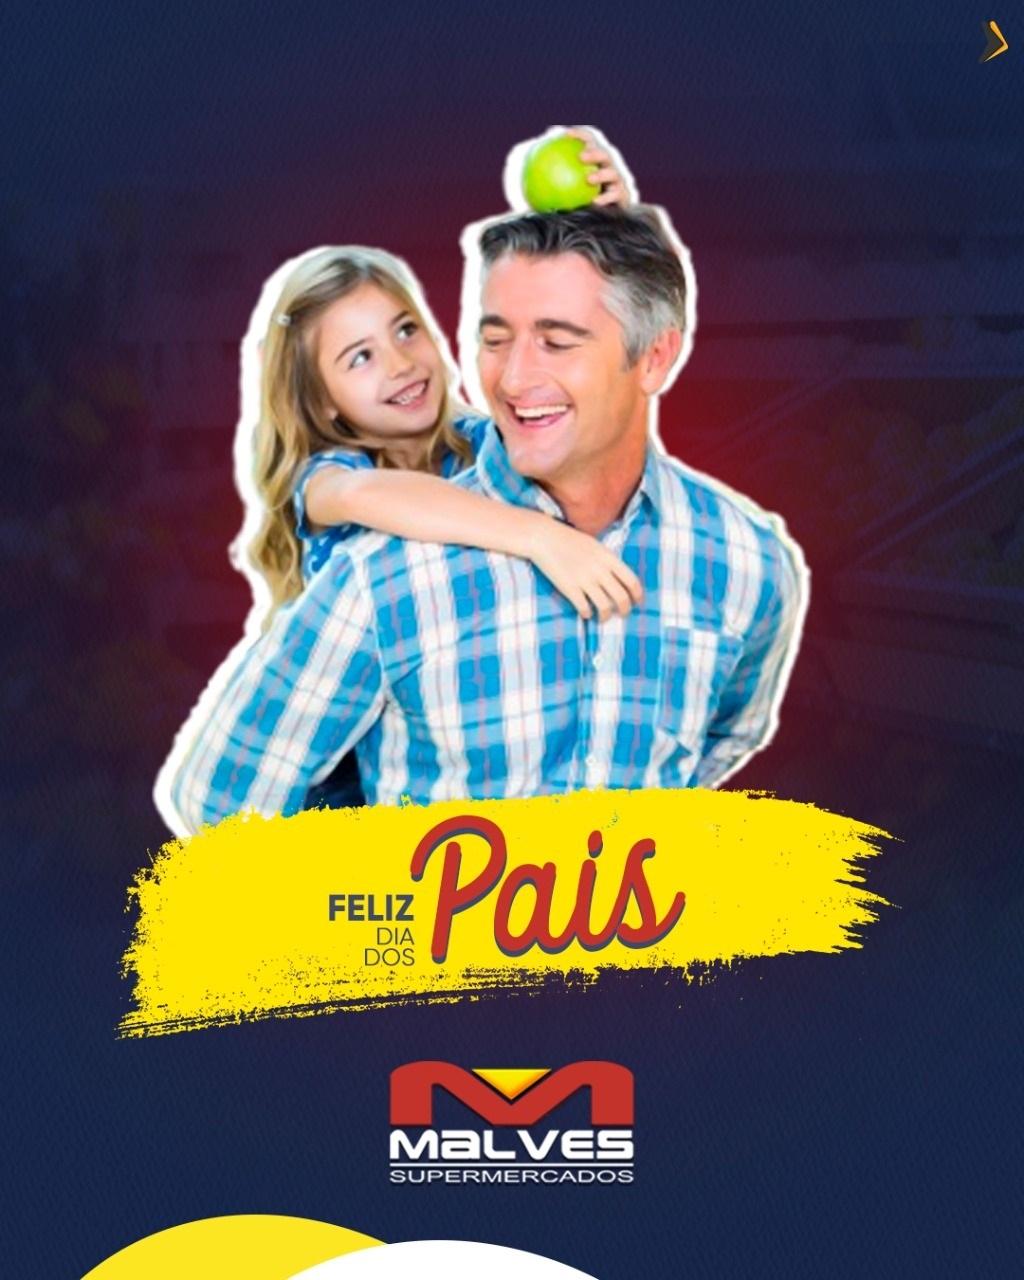 MALVES.PA_ Malves Supermercados parabeniza todos os pais nesta data tão especial. Confira as ofertas